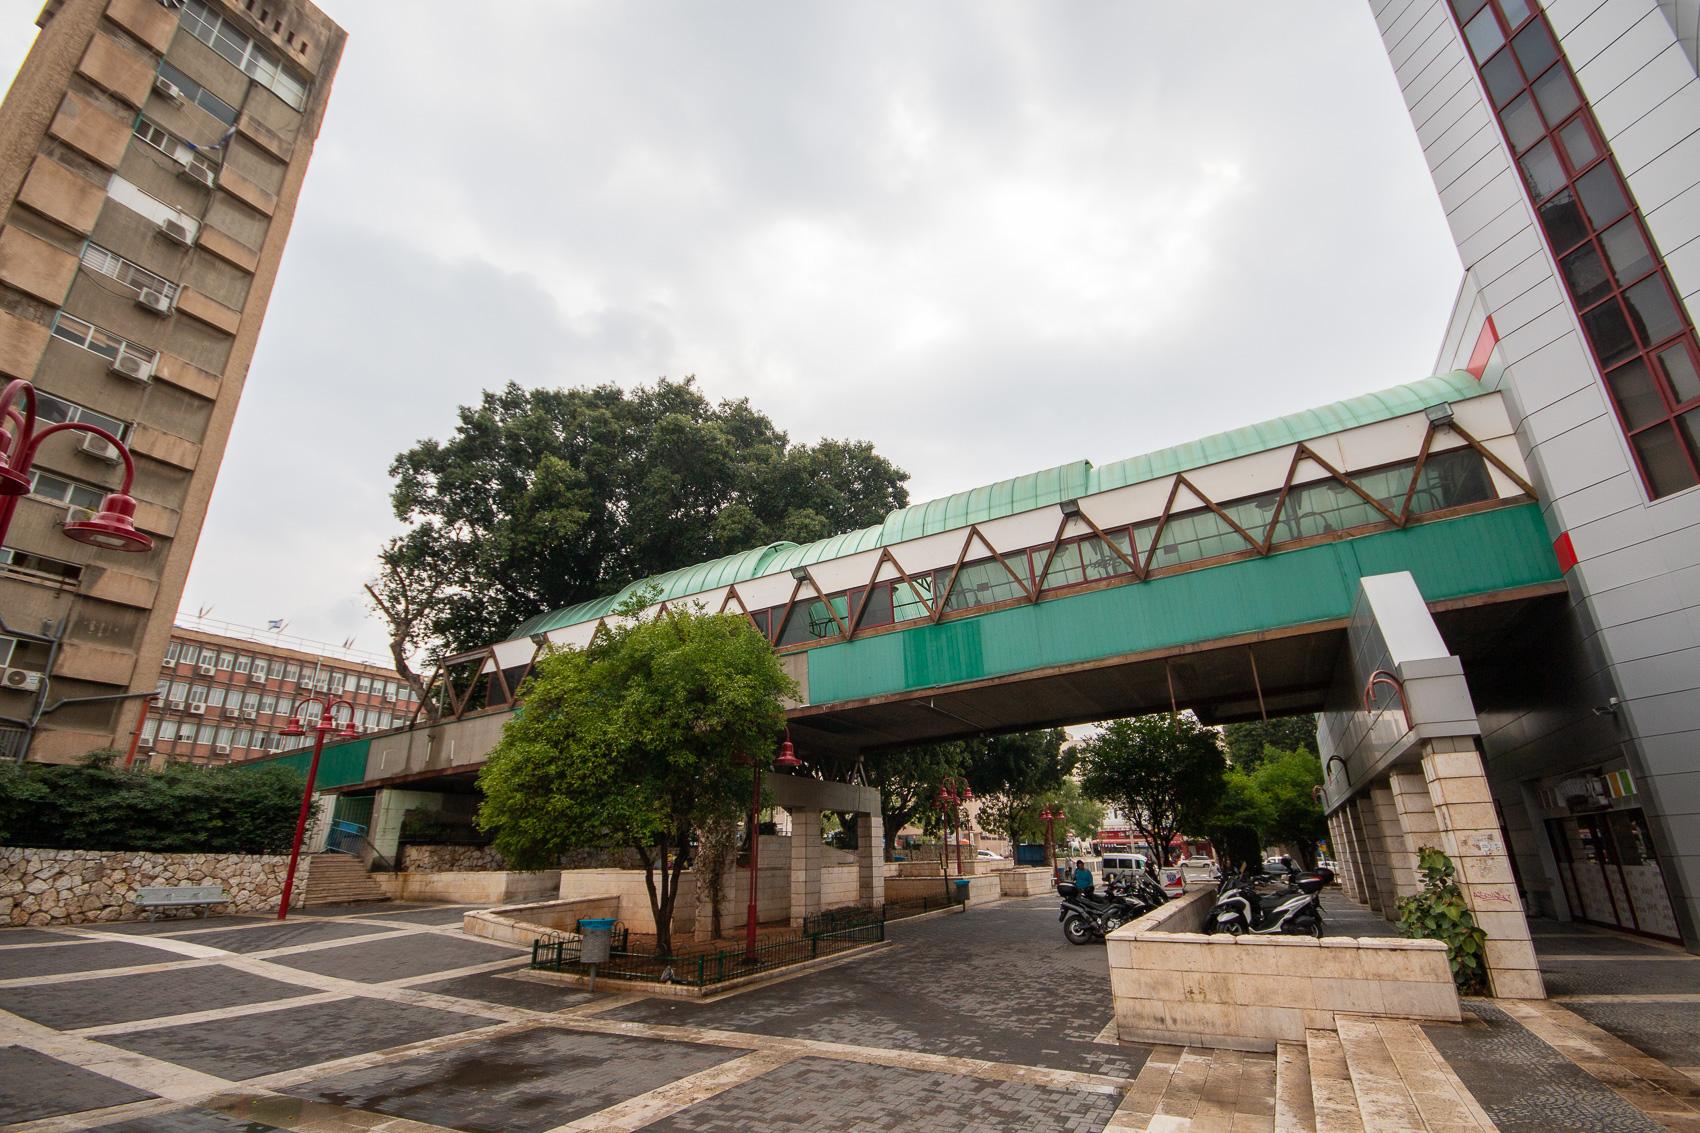 גשר שפיגל הסמוך לעיריית פתח תקווה יהרס